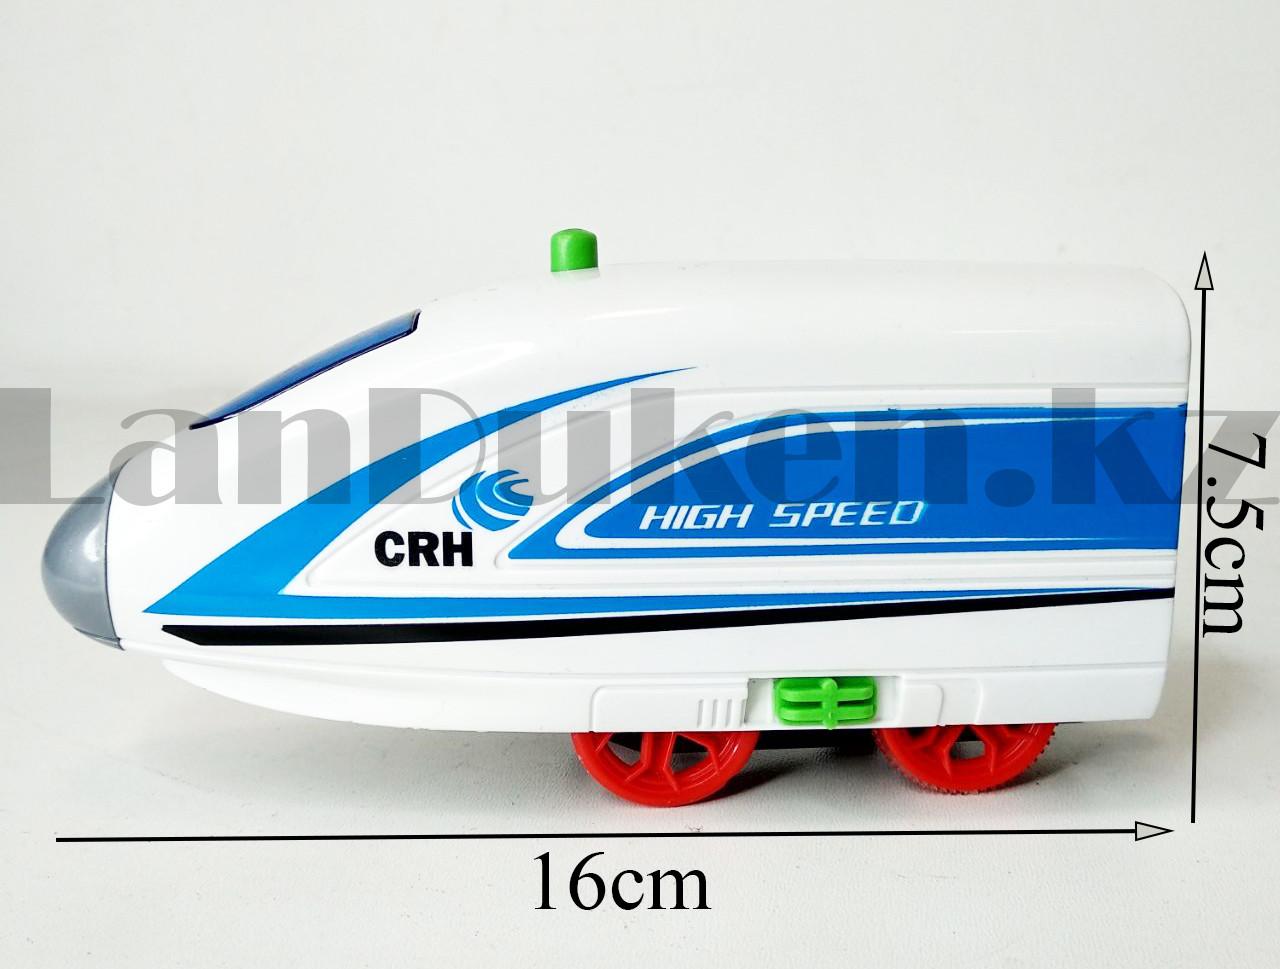 Игрушечный набор железная дорога и поезд со свето-звуковым сопровождением на 21 деталей Locomotive RailWay - фото 4